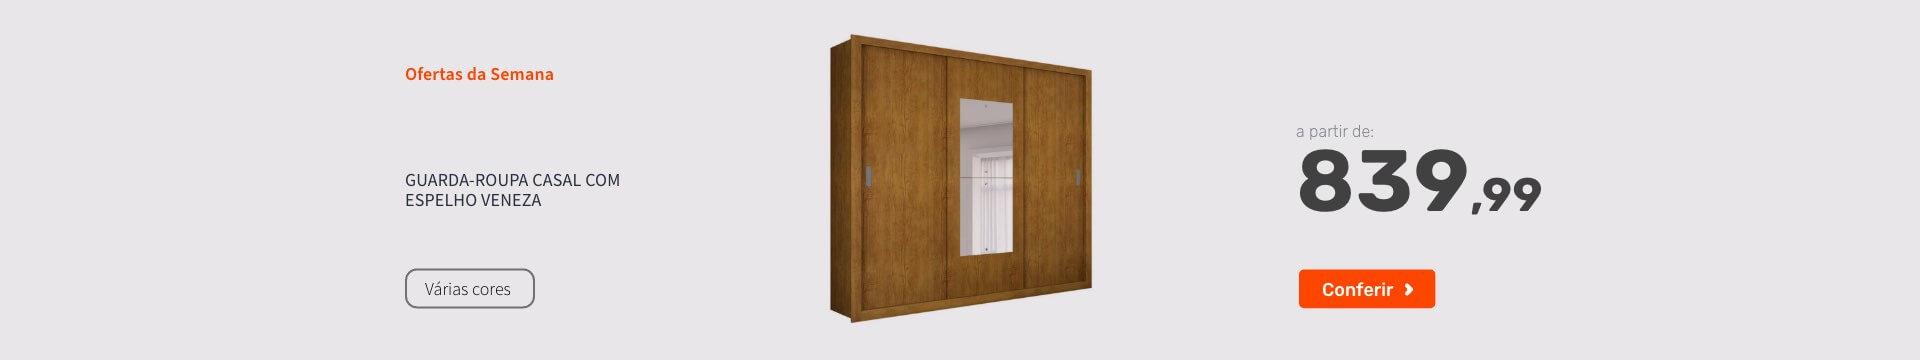 Guarda-Roupa Casal com Espelho Veneza - Ofertas especiais